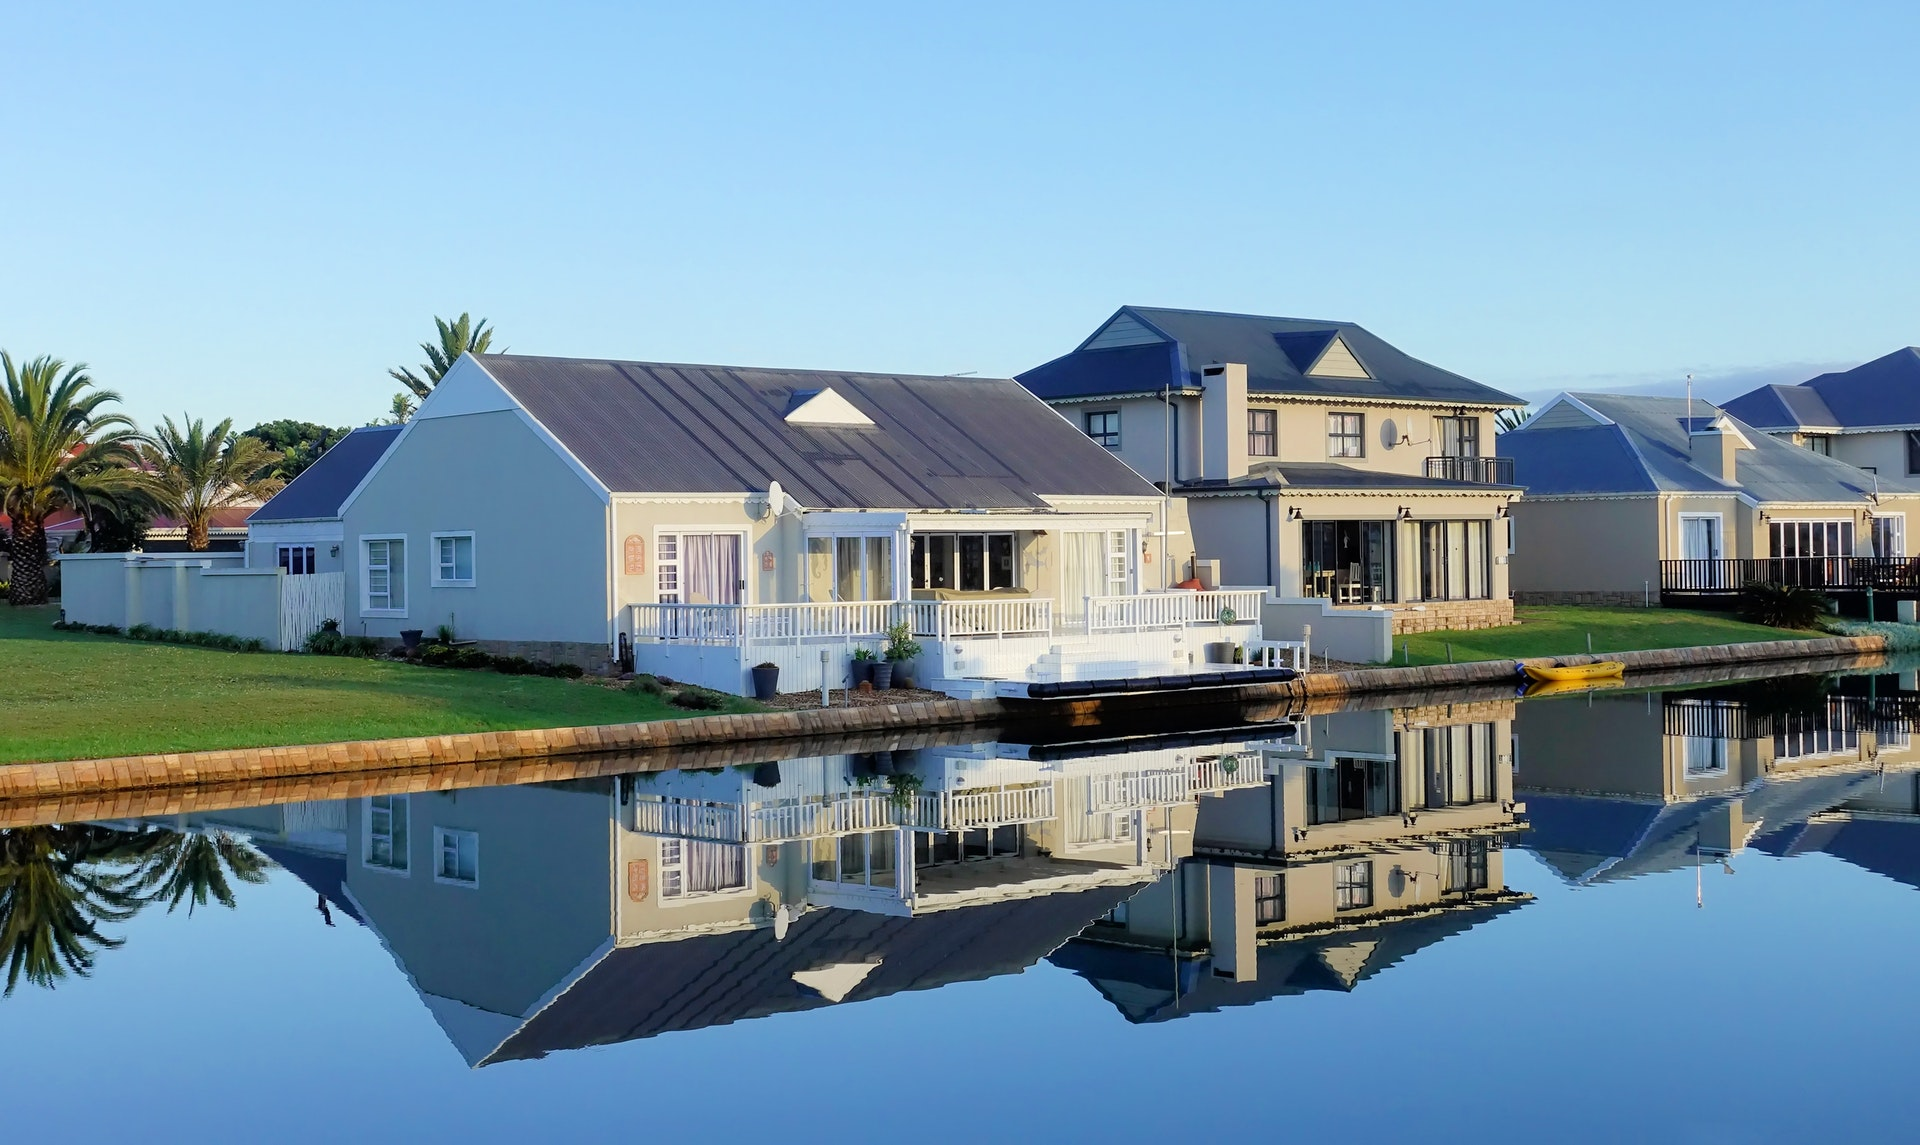 Pourquoi contacter un agent immobilier pour vendre votre bien ?